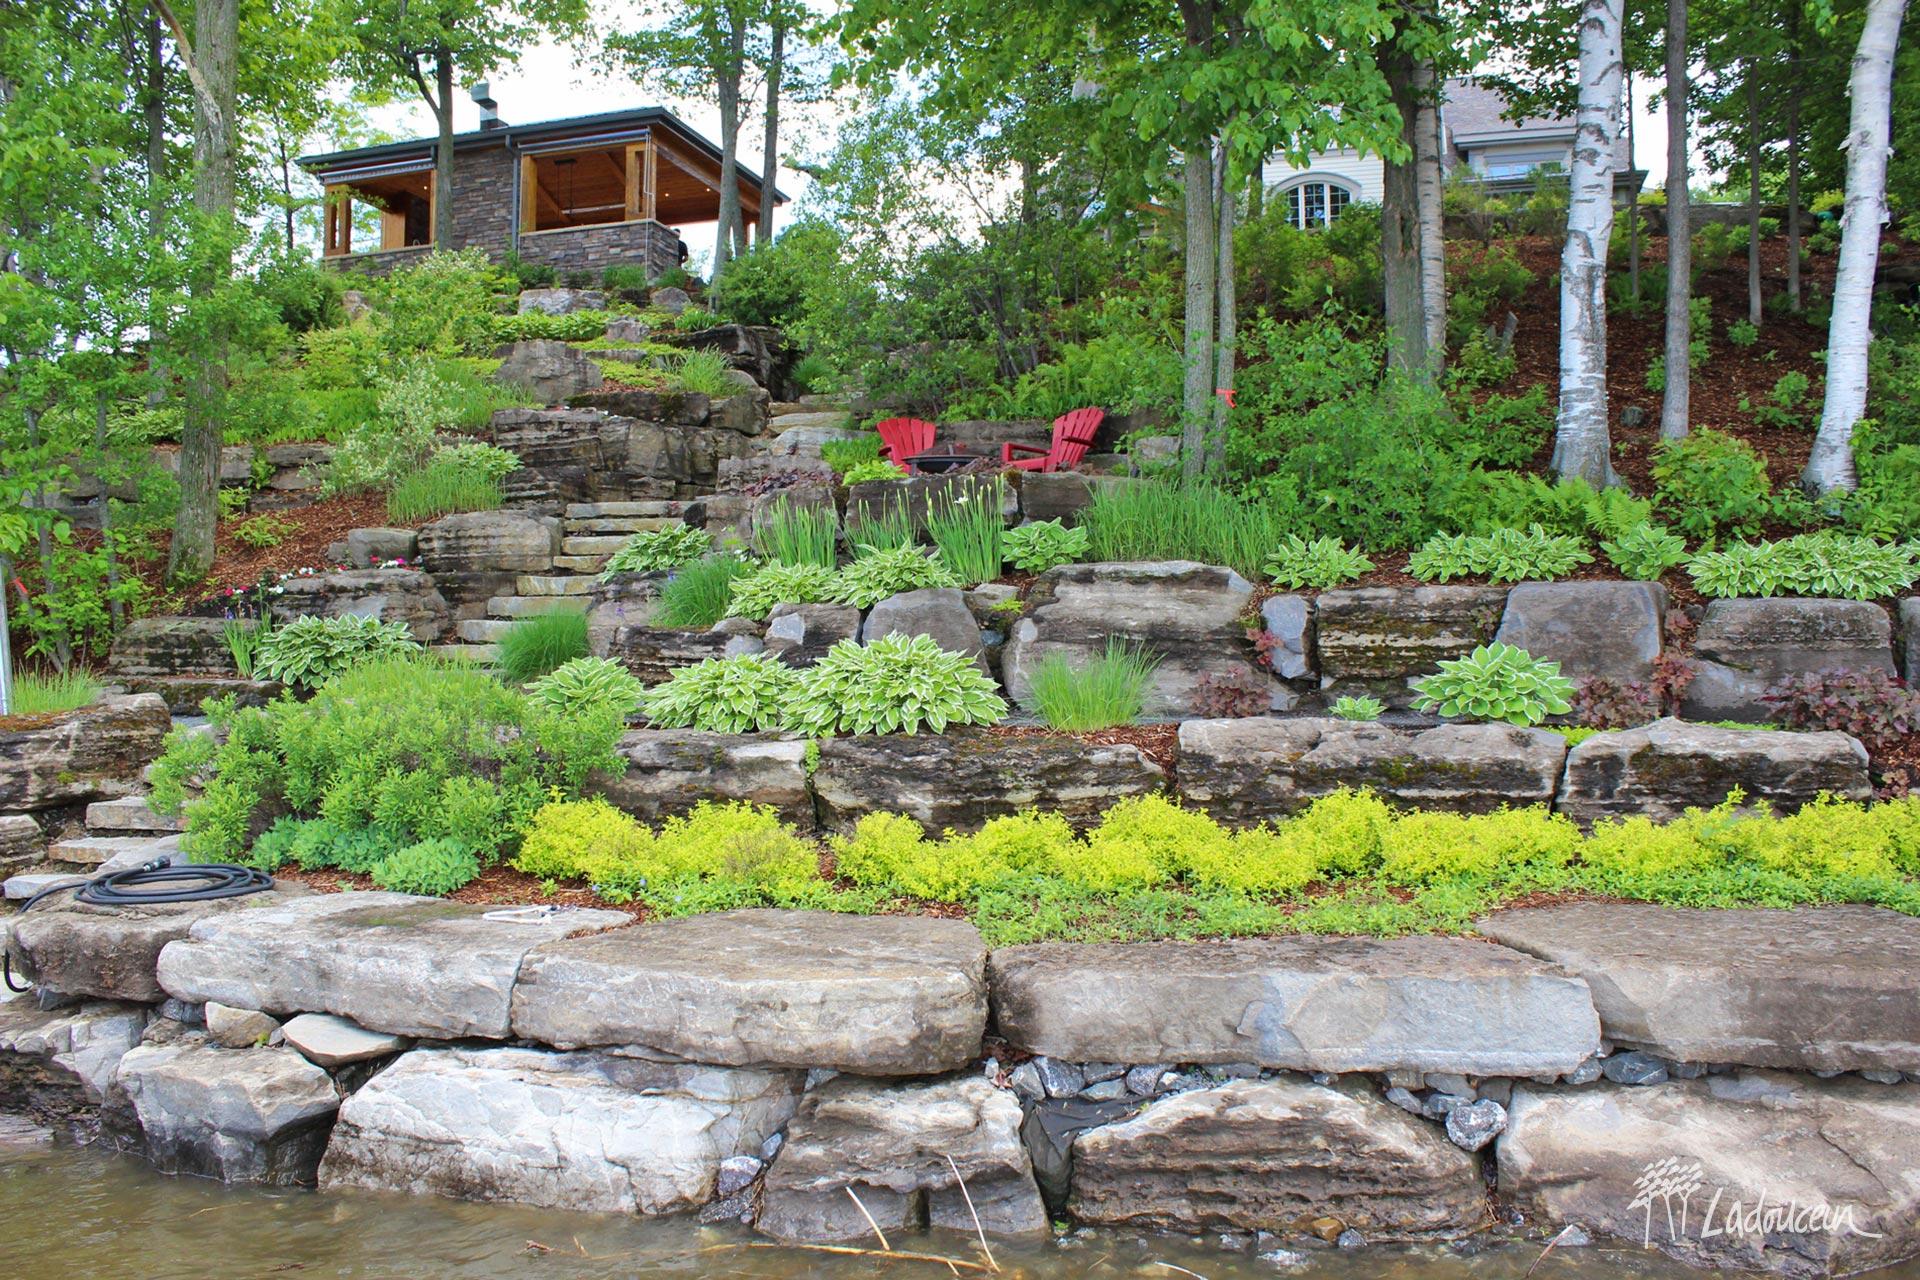 Amenagement de berge en pallier de pierres naturelles sur un terrain riverain escarpe ladouceur